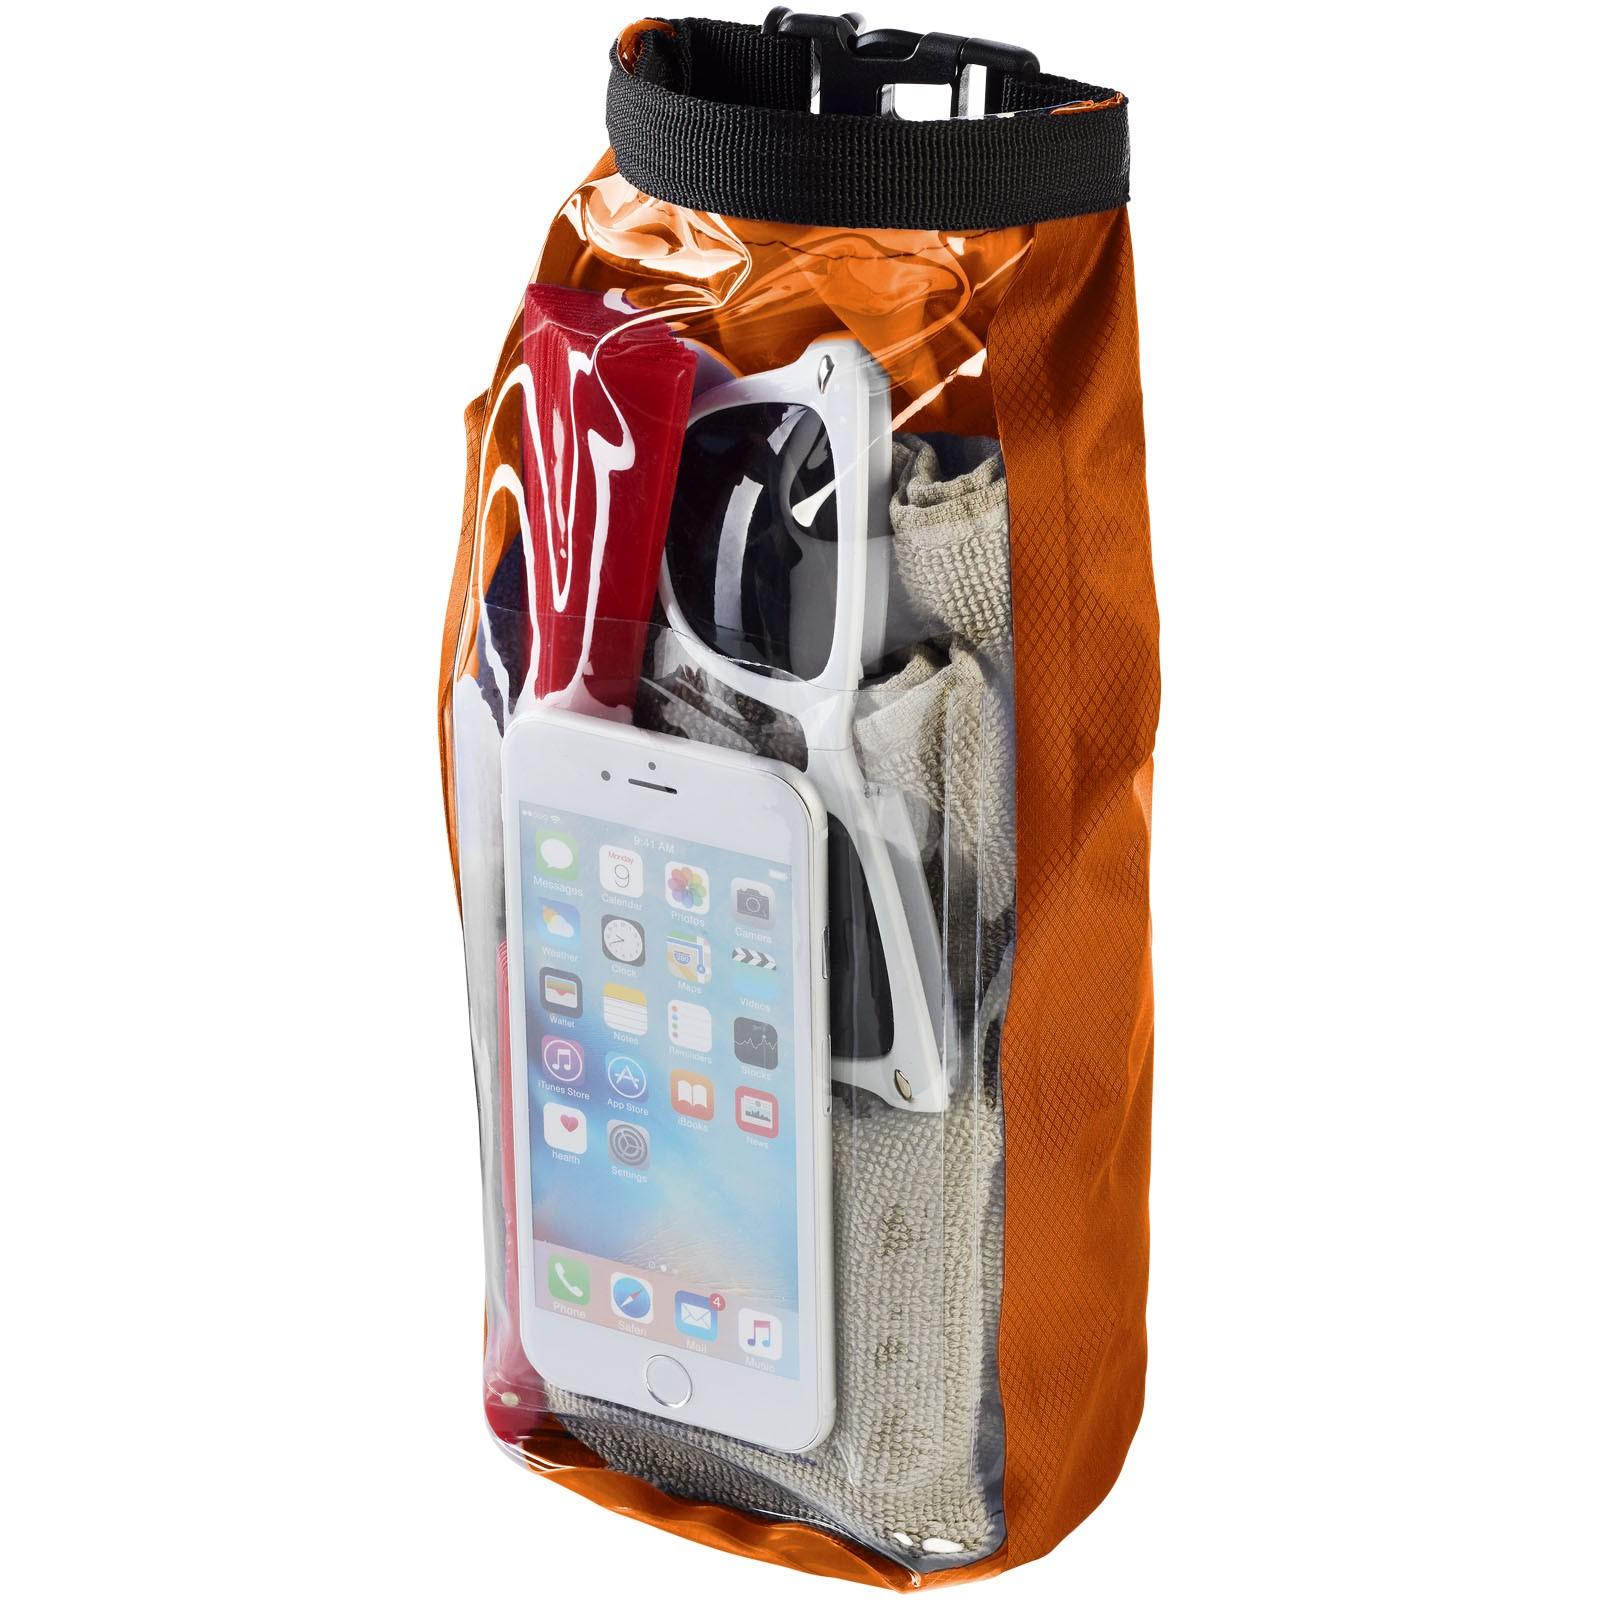 Nepromokavý vak Tourist, 2 l, outdoorový styl s pouzdrem na telefon - 0ranžová